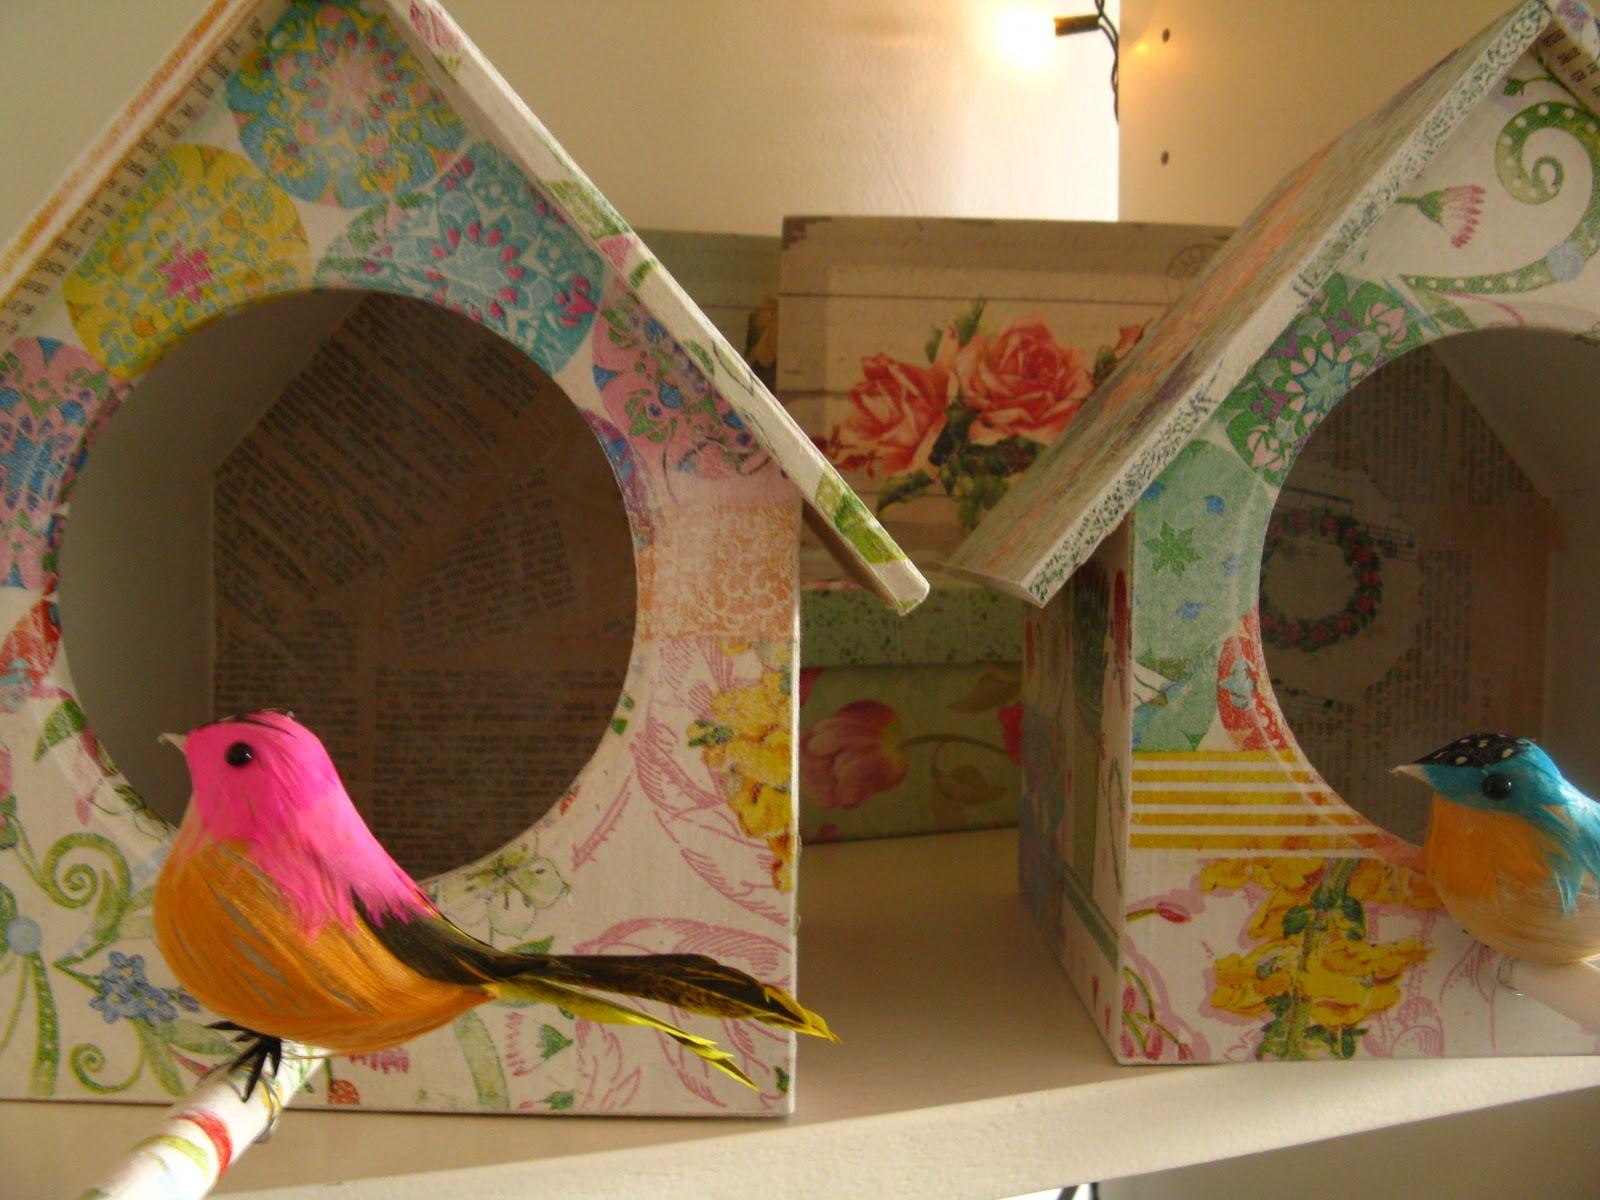 Tienda la florinda m s casitas de pajaritos - Casitas pequenas de madera ...